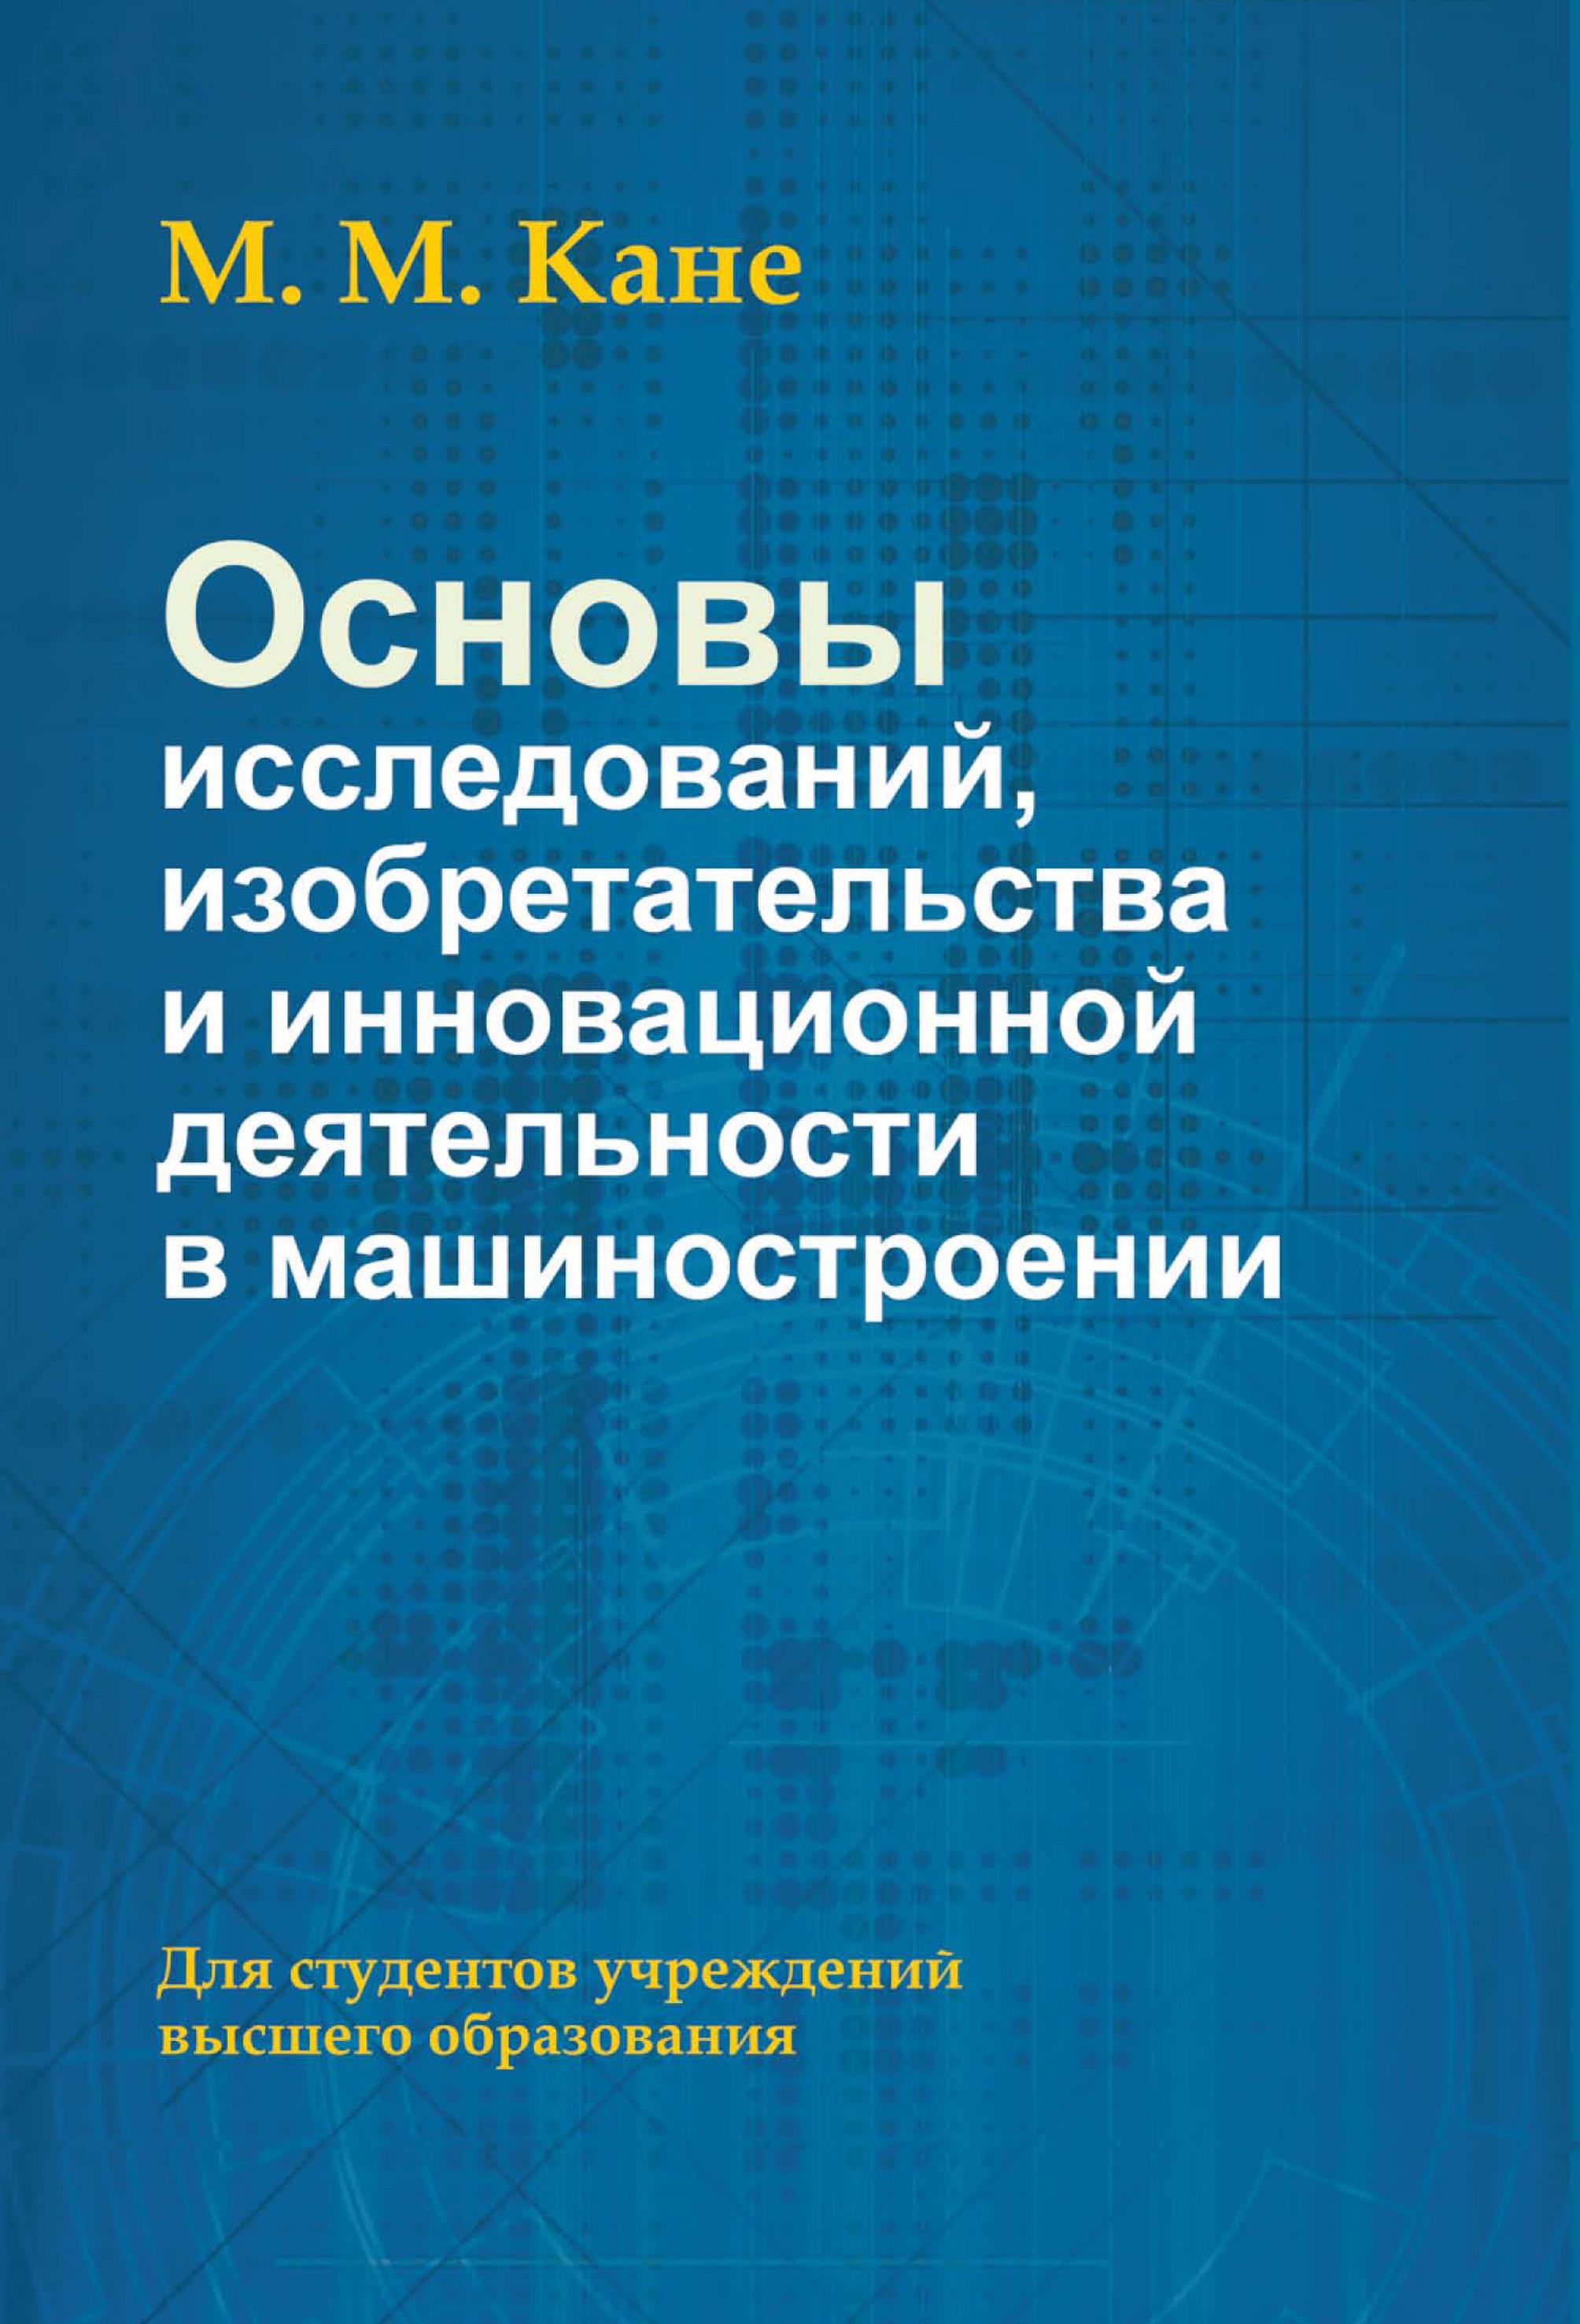 Марк Моисеевич Кане Основы исследований, изобретательства и инновационной деятельности в машиностроении цена